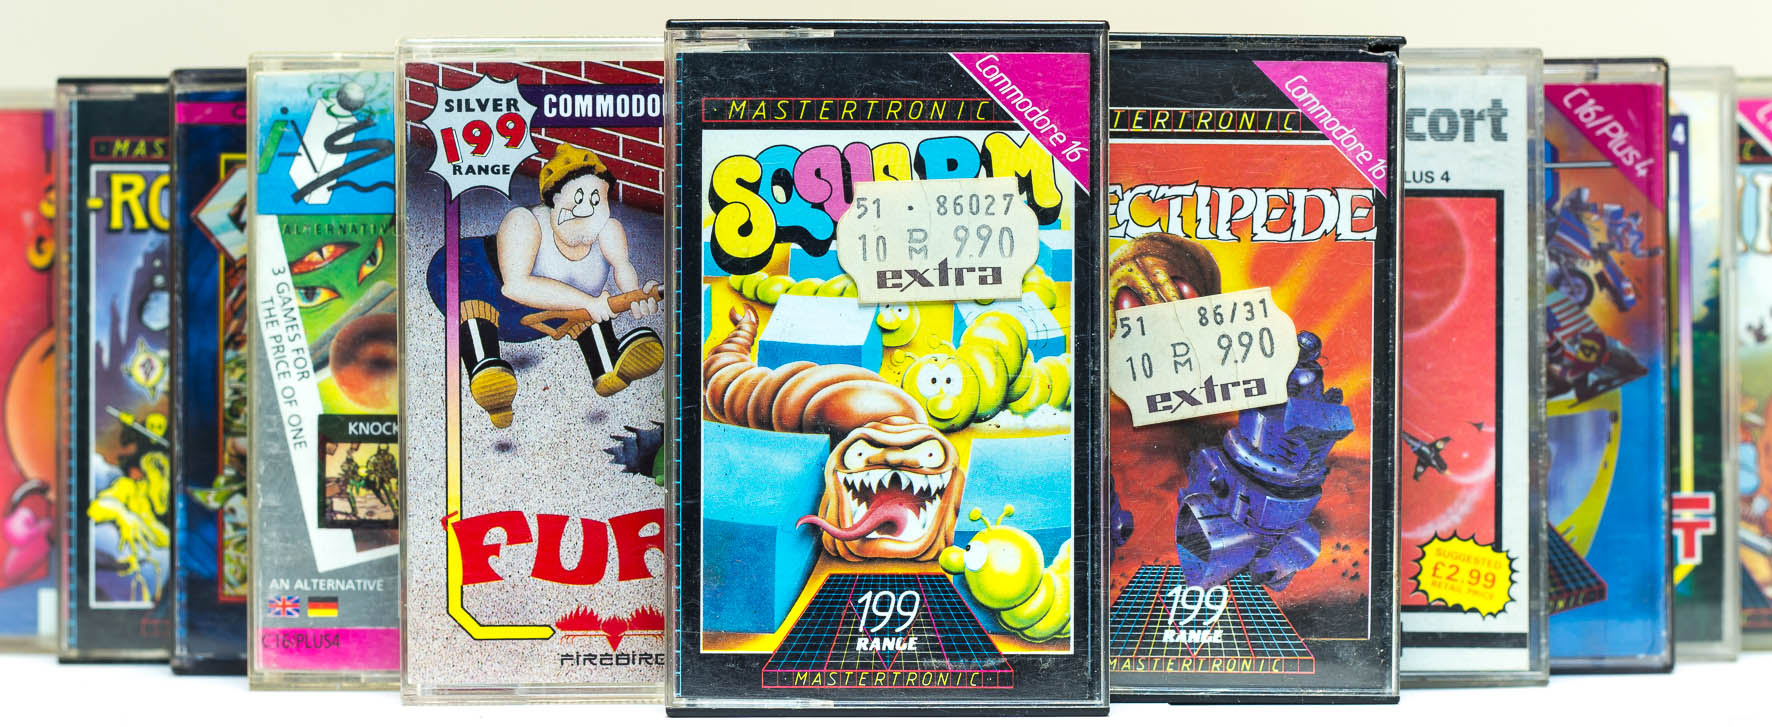 Verschiedene C16 Spiele von Mastertronic, Firebird und weiteren Herstellern. Ganz vorn ist die Kassette von Squirm zu sehen. (Bild: Claudio Lione)